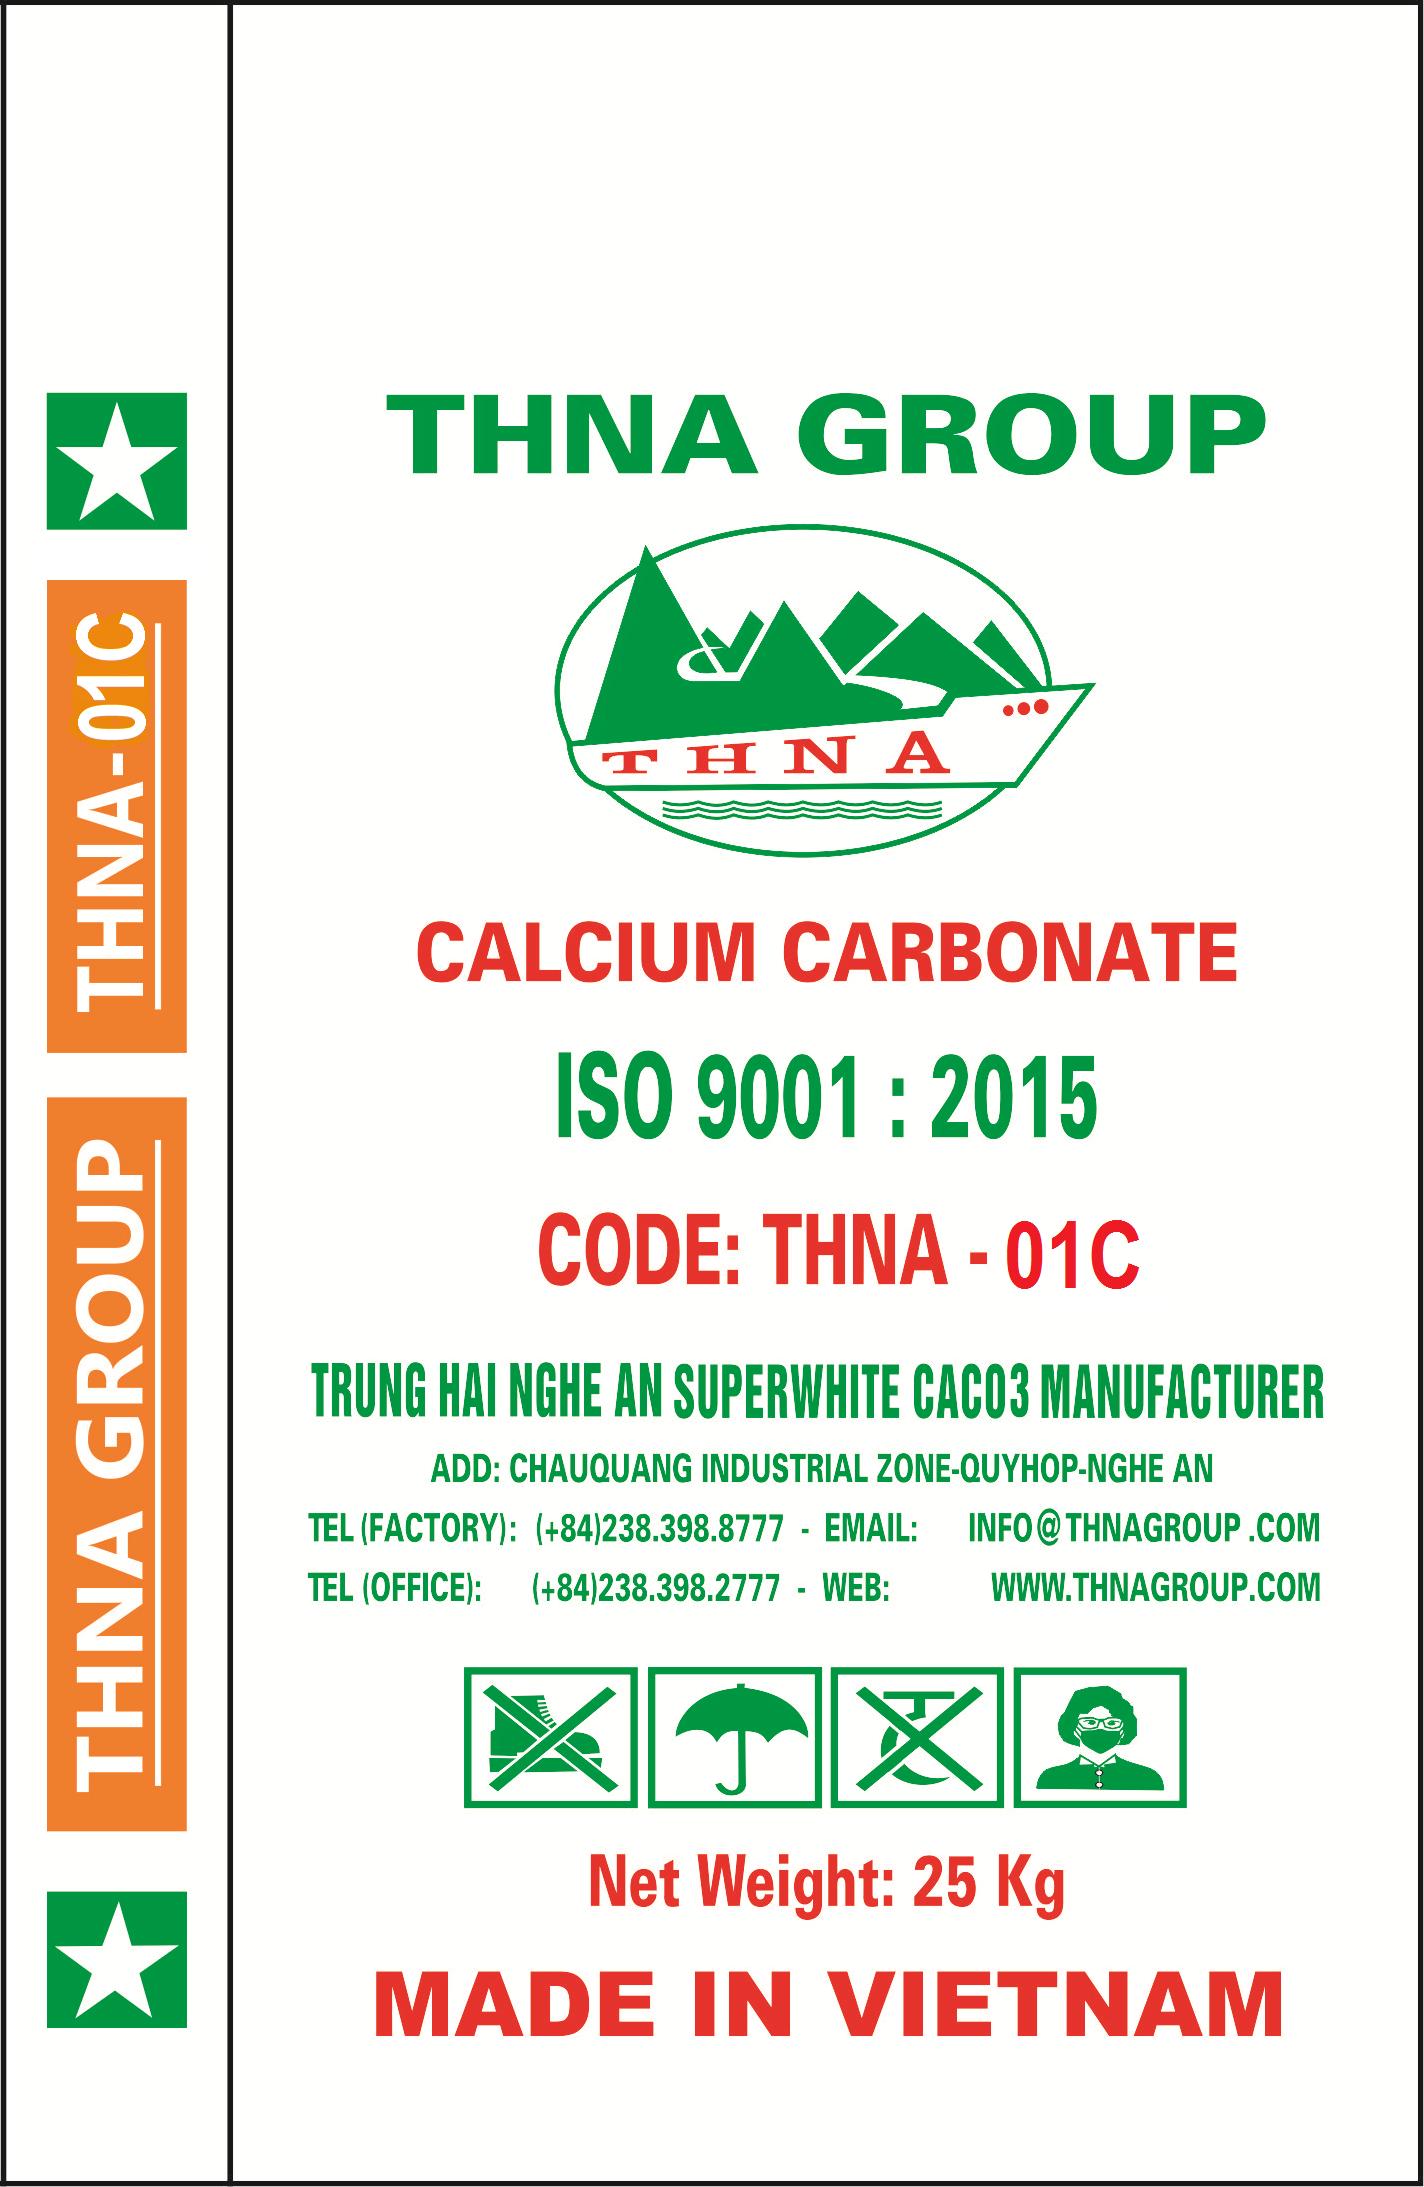 THNA-01C